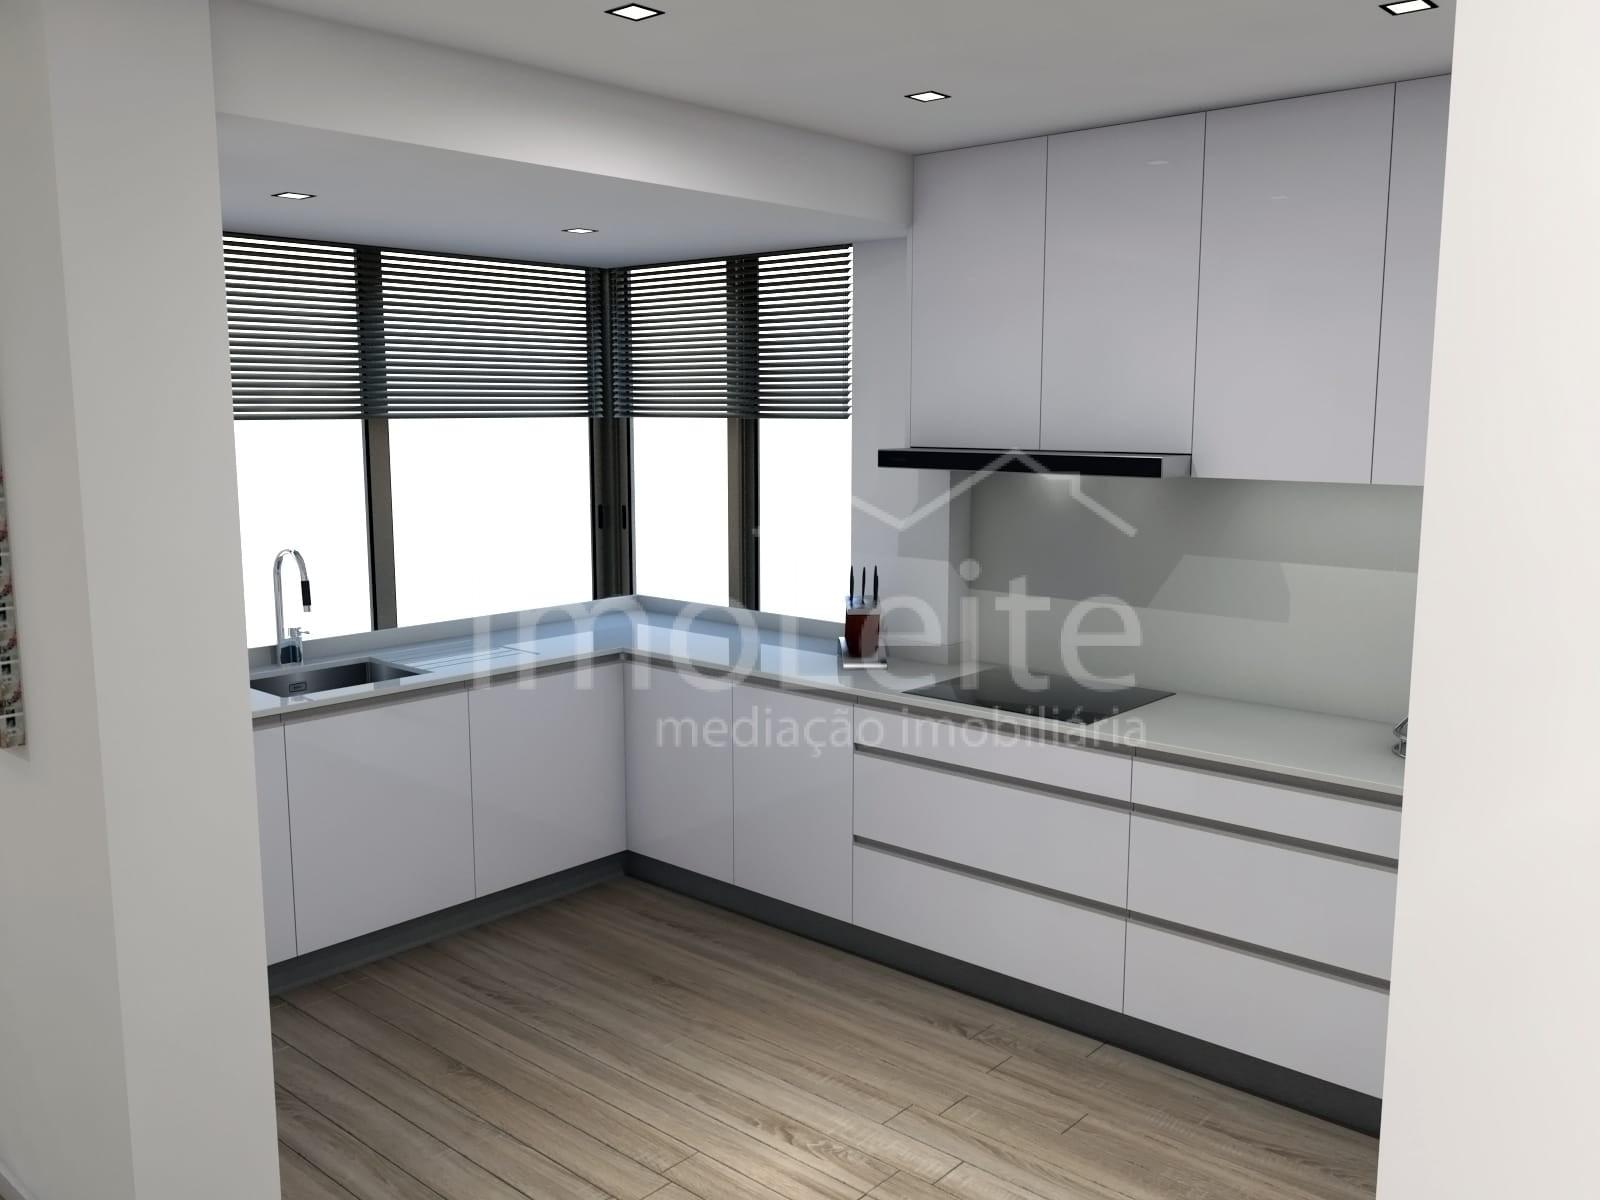 Apartamento T1 Póvoa de Varzim Centro Renovado